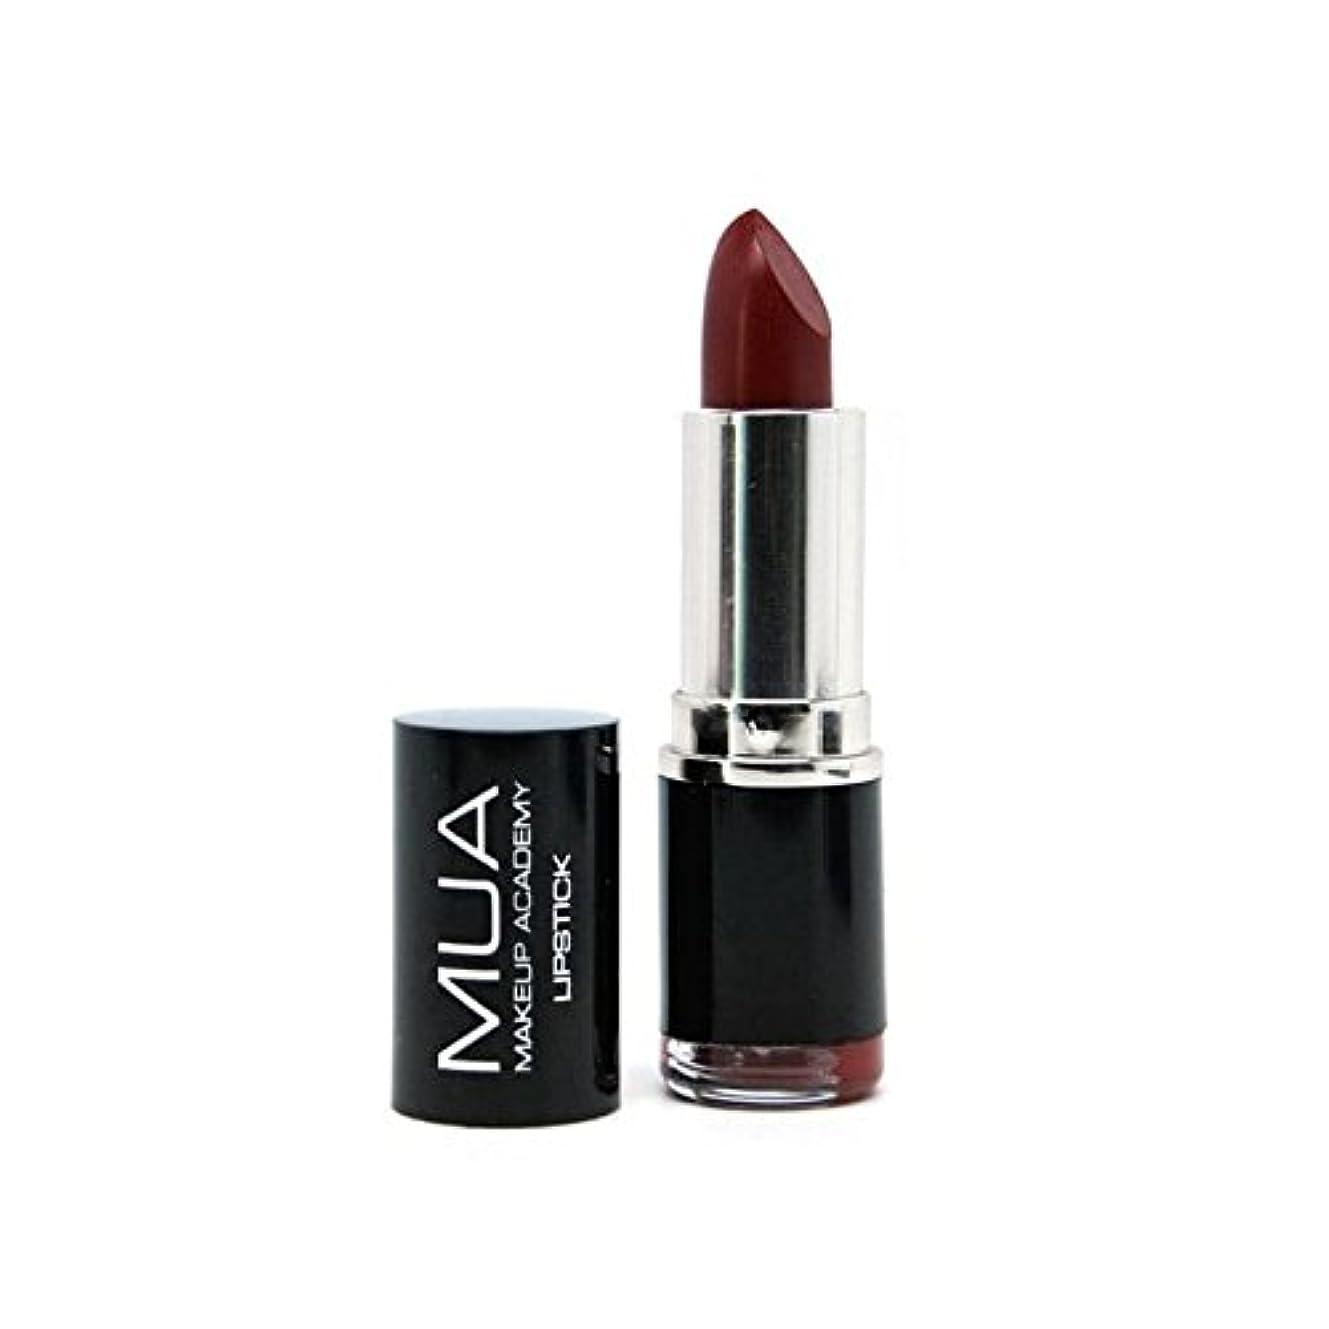 することになっている船尾スカリーの口紅 - 日陰1 x4 - MUA Lipstick - Shade 1 (Pack of 4) [並行輸入品]